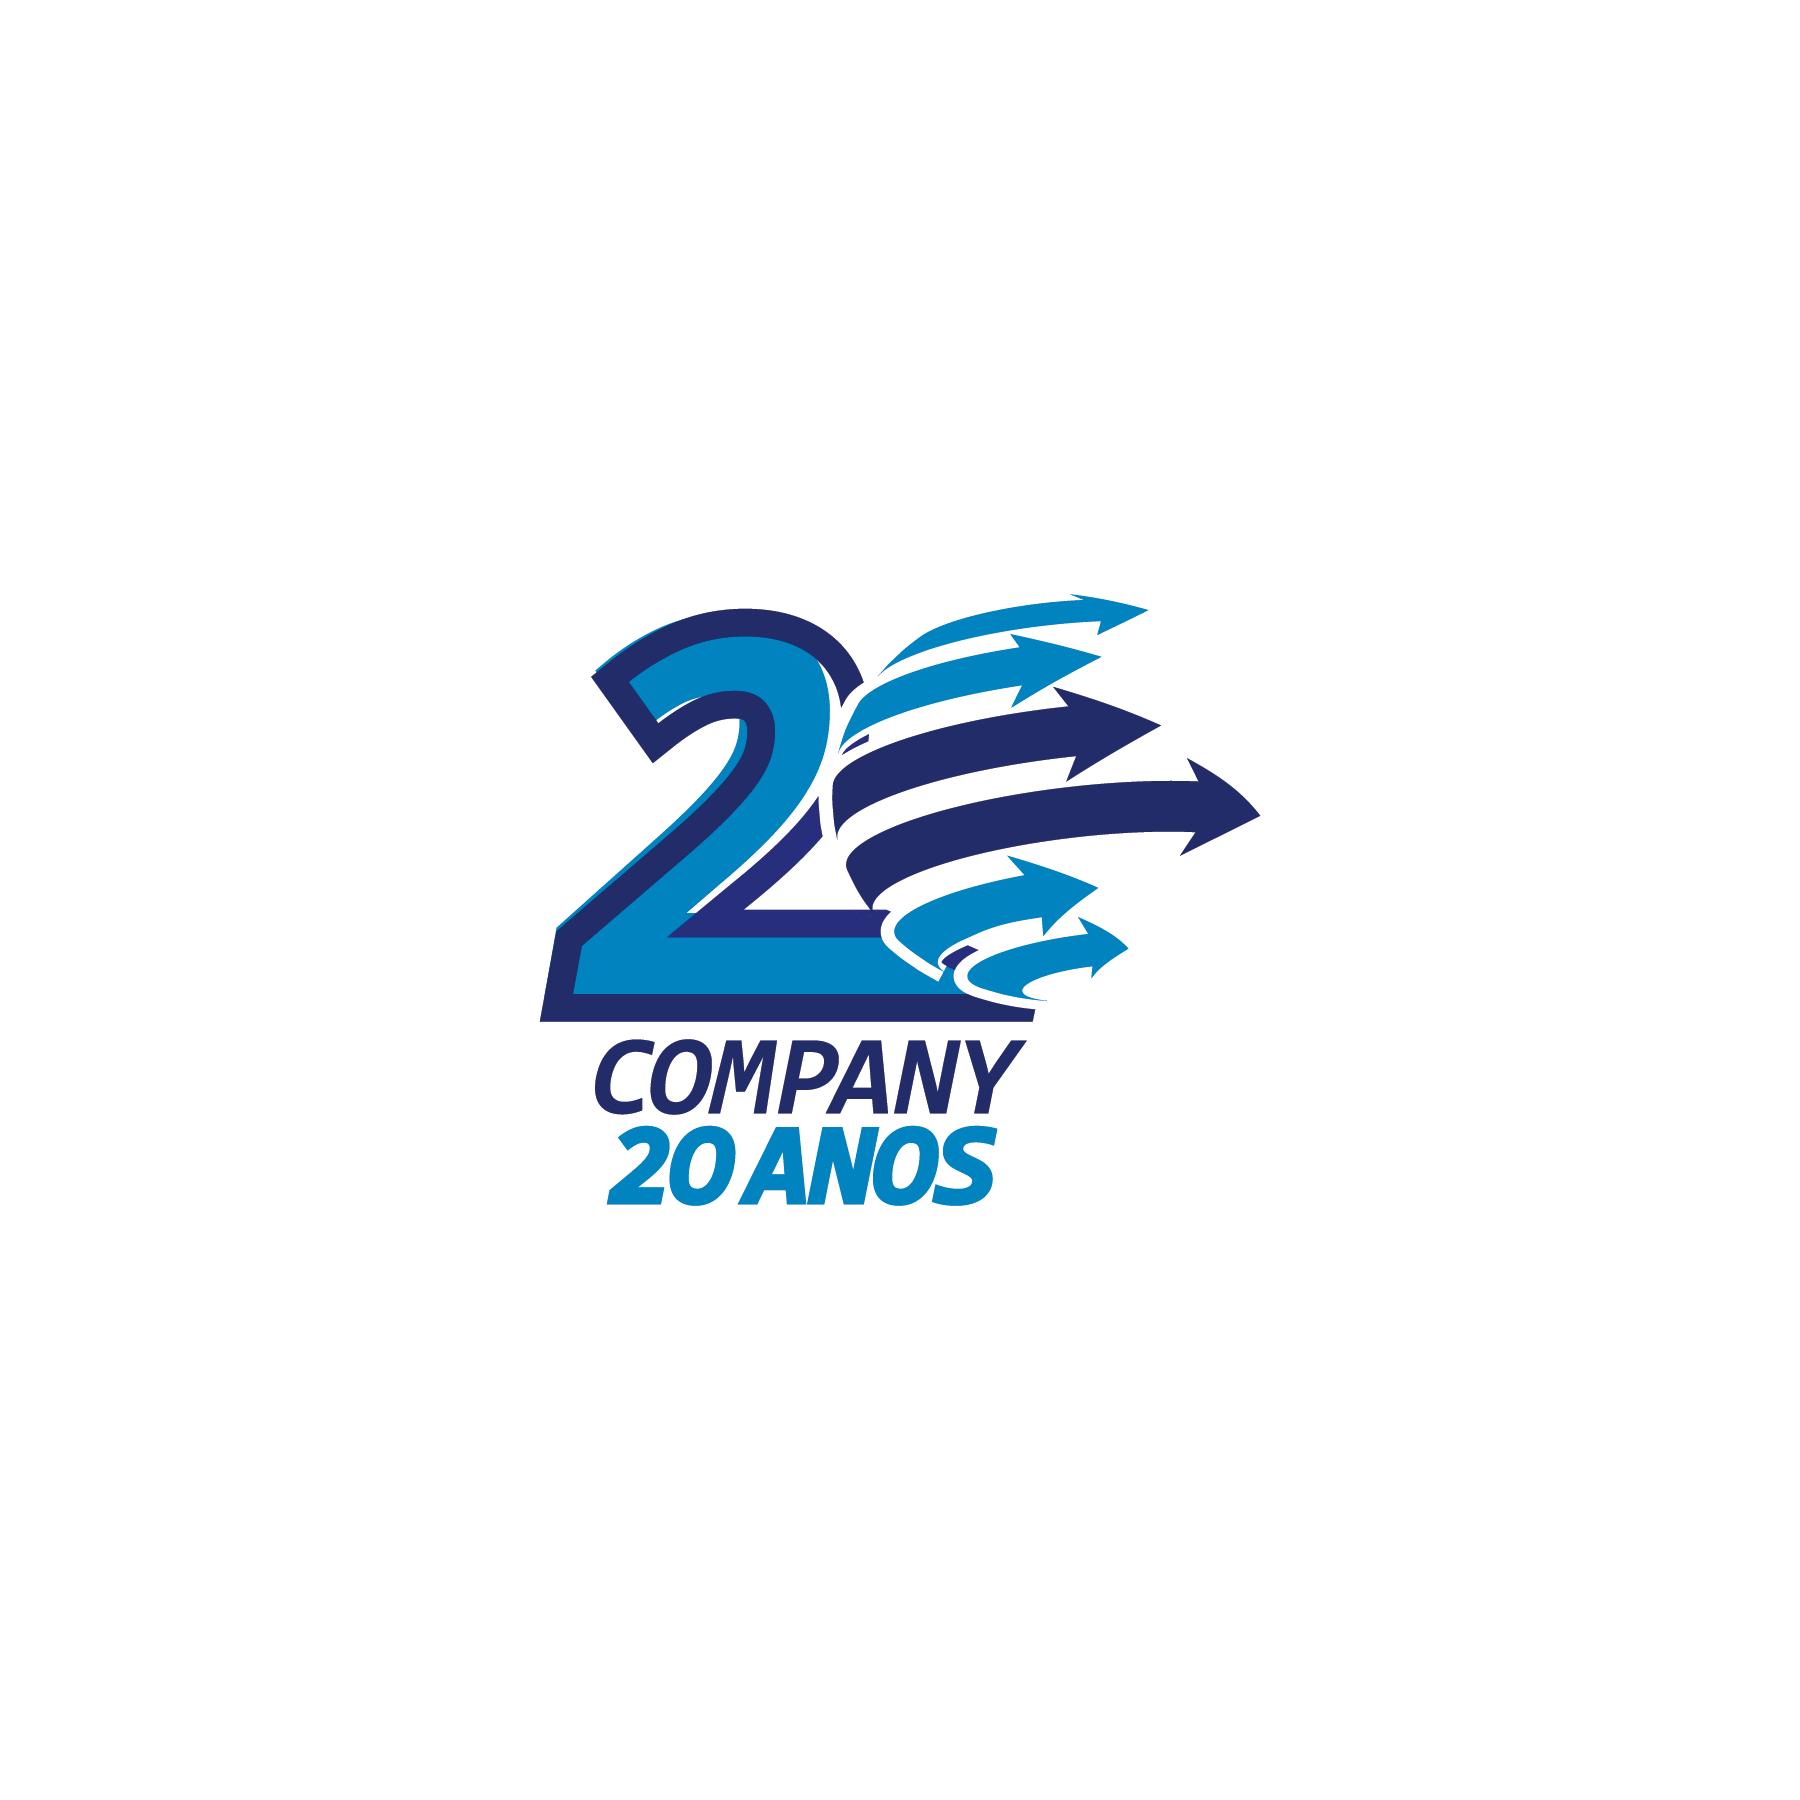 20 ANOS COMPANY